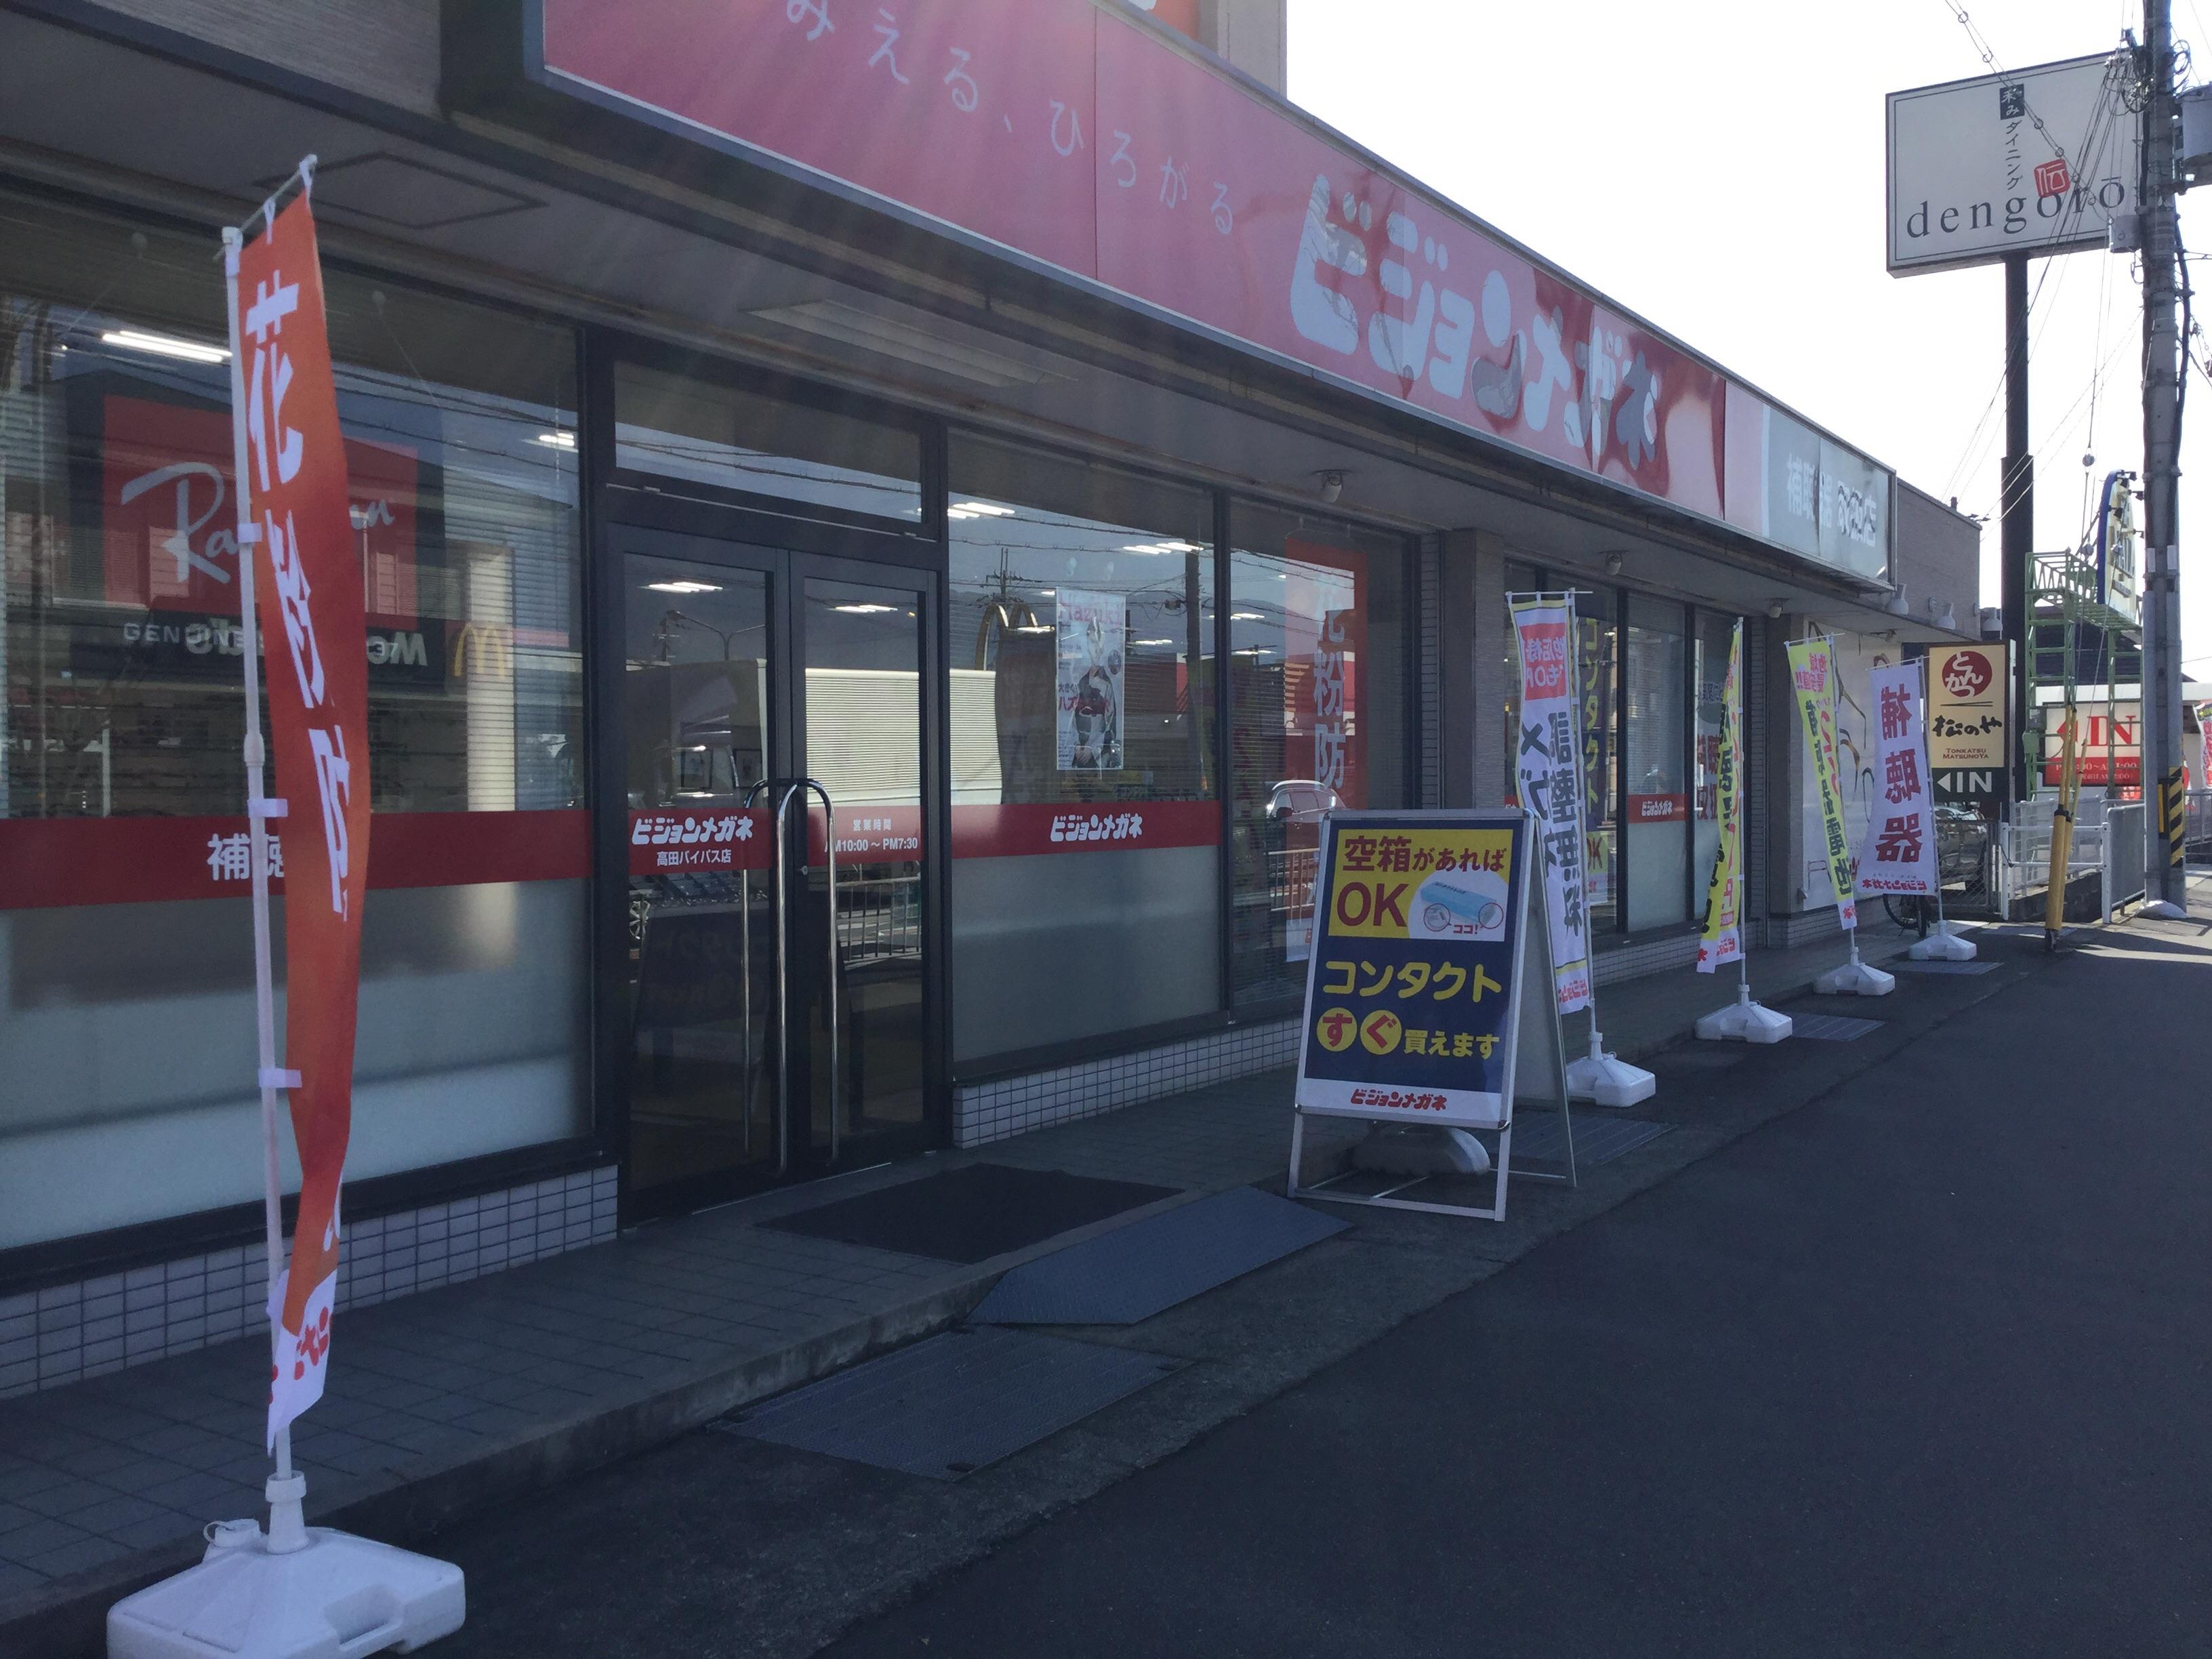 ビジョンメガネ 高田バイパス店画像1